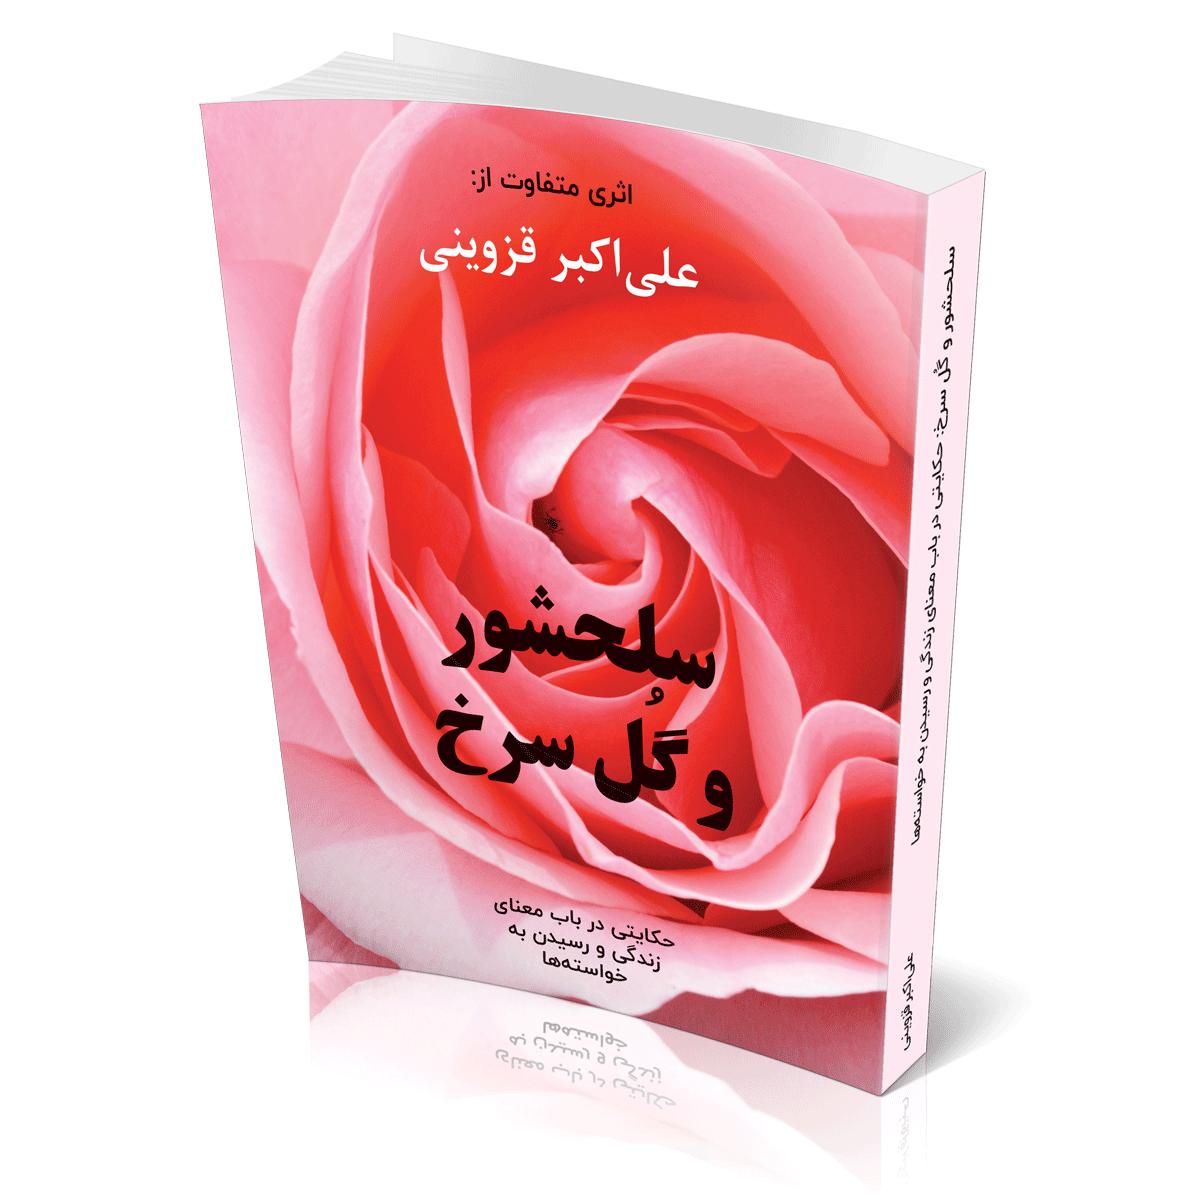 تصویر جلد کتاب سلحشور و گل سرخ: حکایتی در باب معنای زندگی و رسیدن به خواستهها